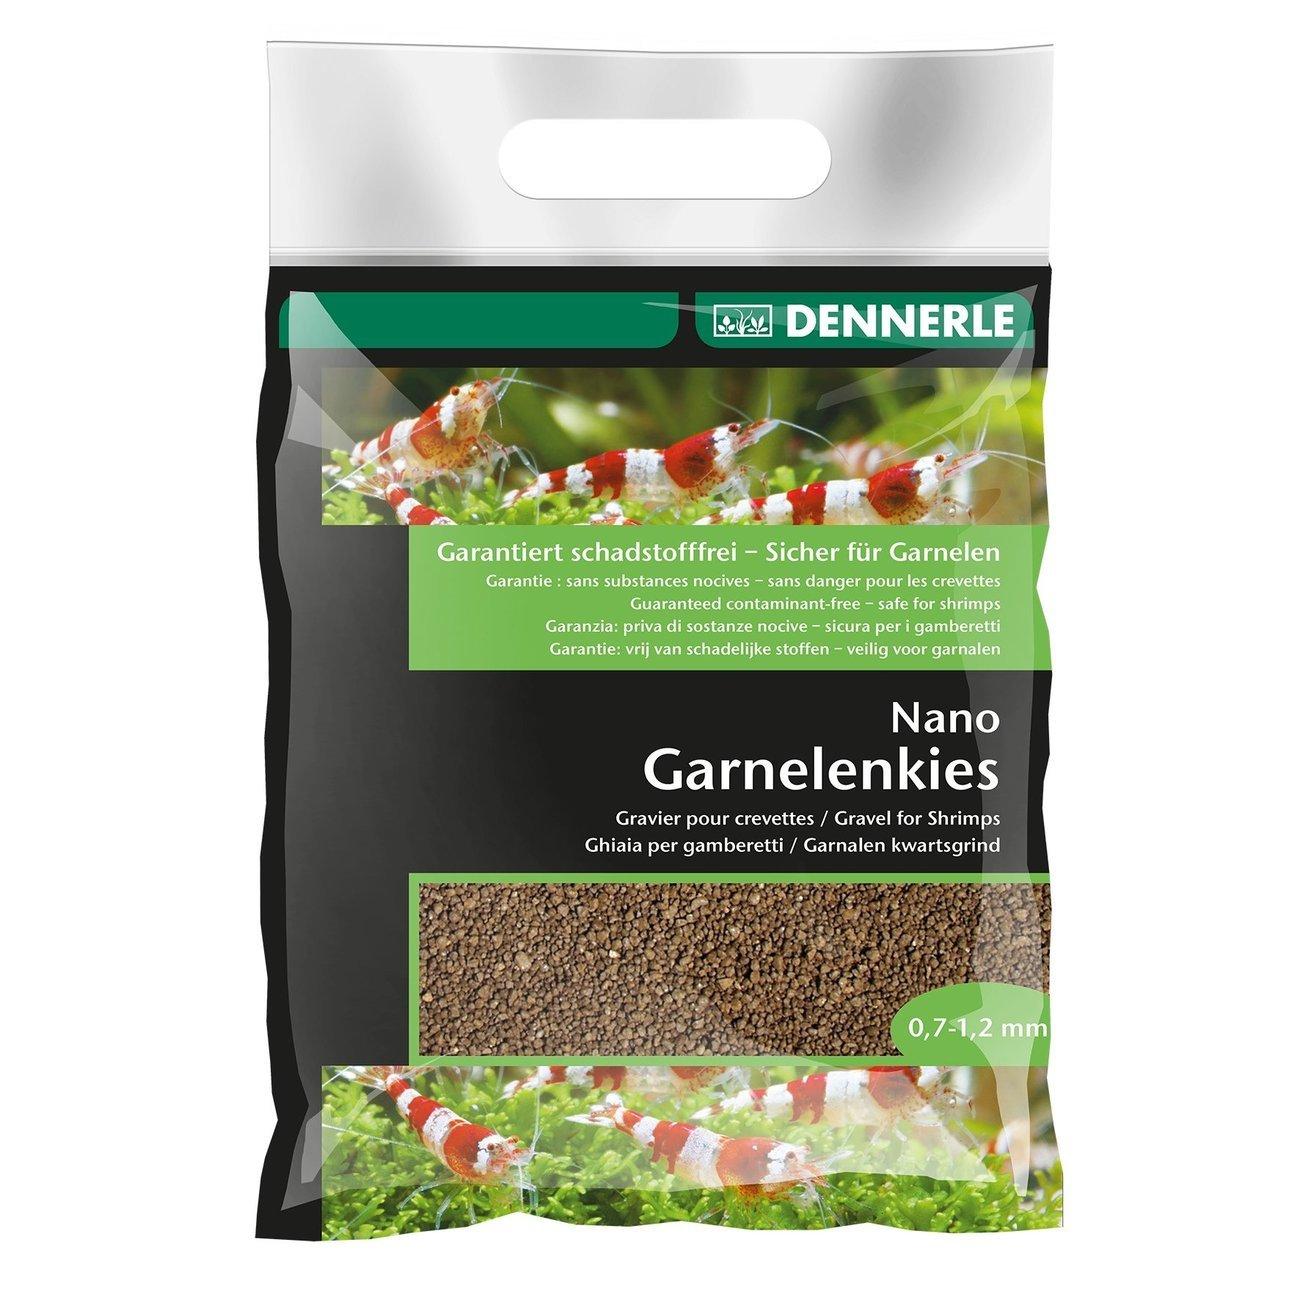 Dennerle Nano Garnelenkies, Bild 3